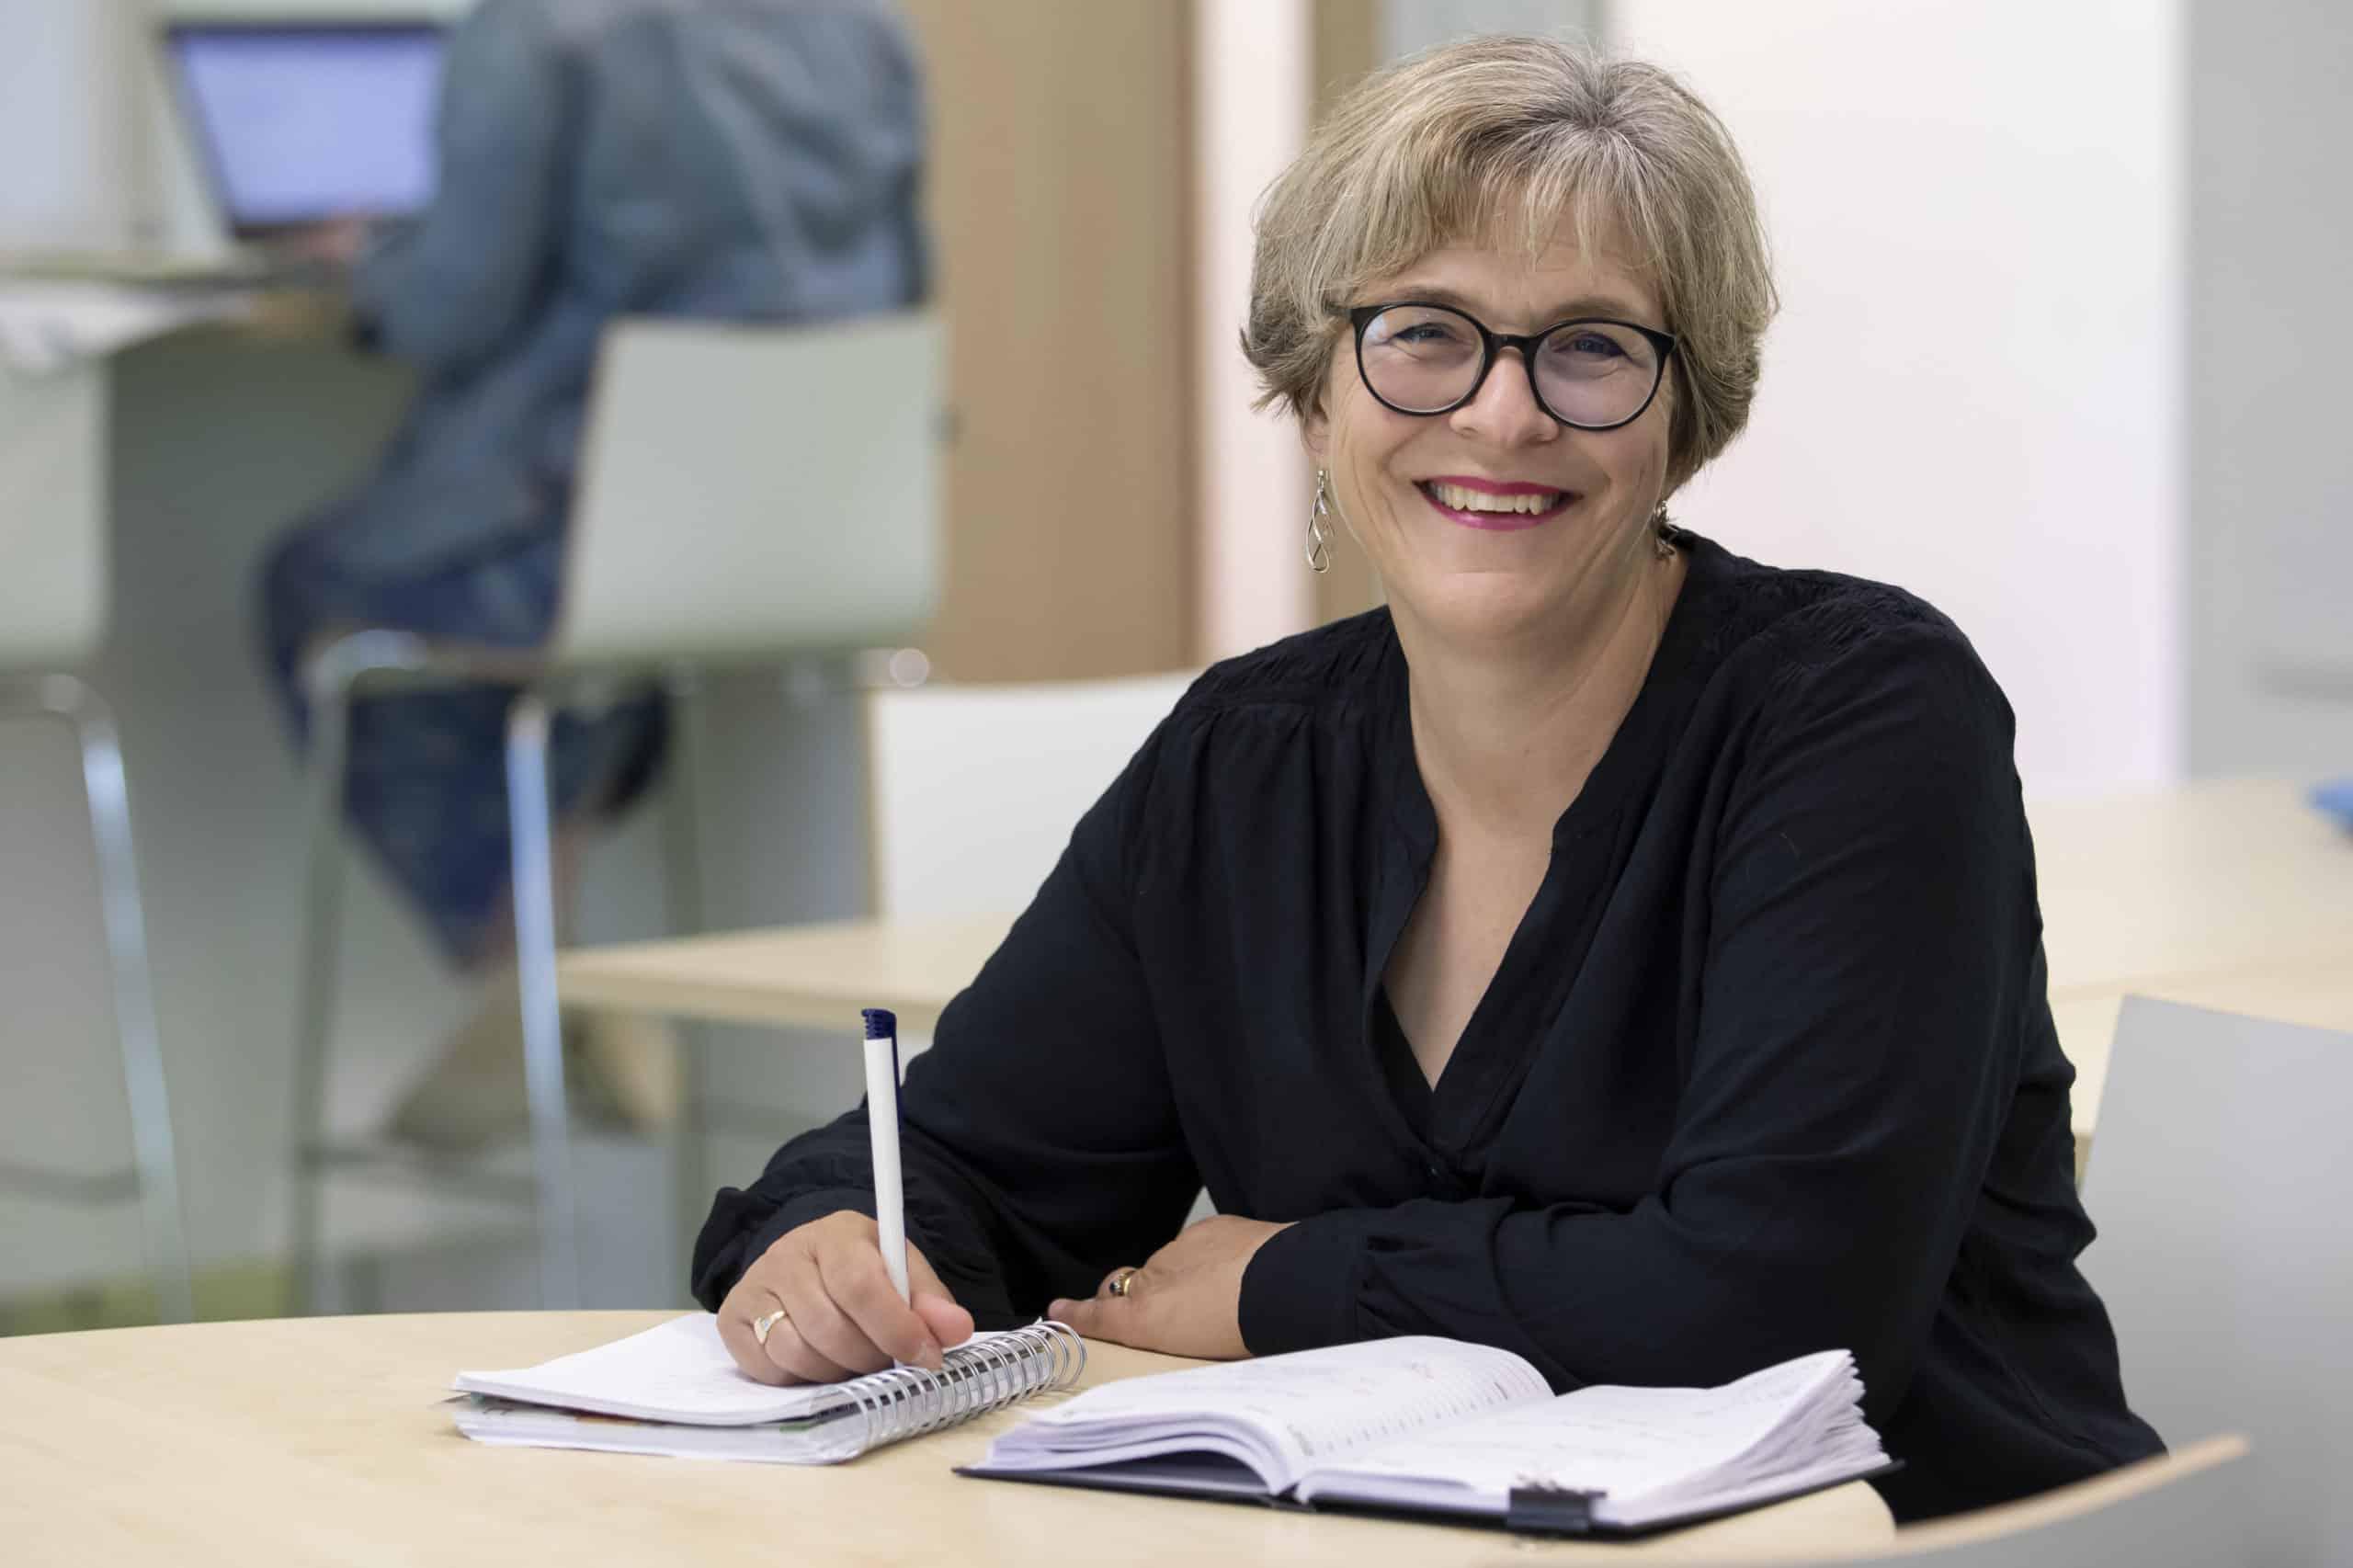 Jo Smyth Word Worker PR and Copywriting specialist